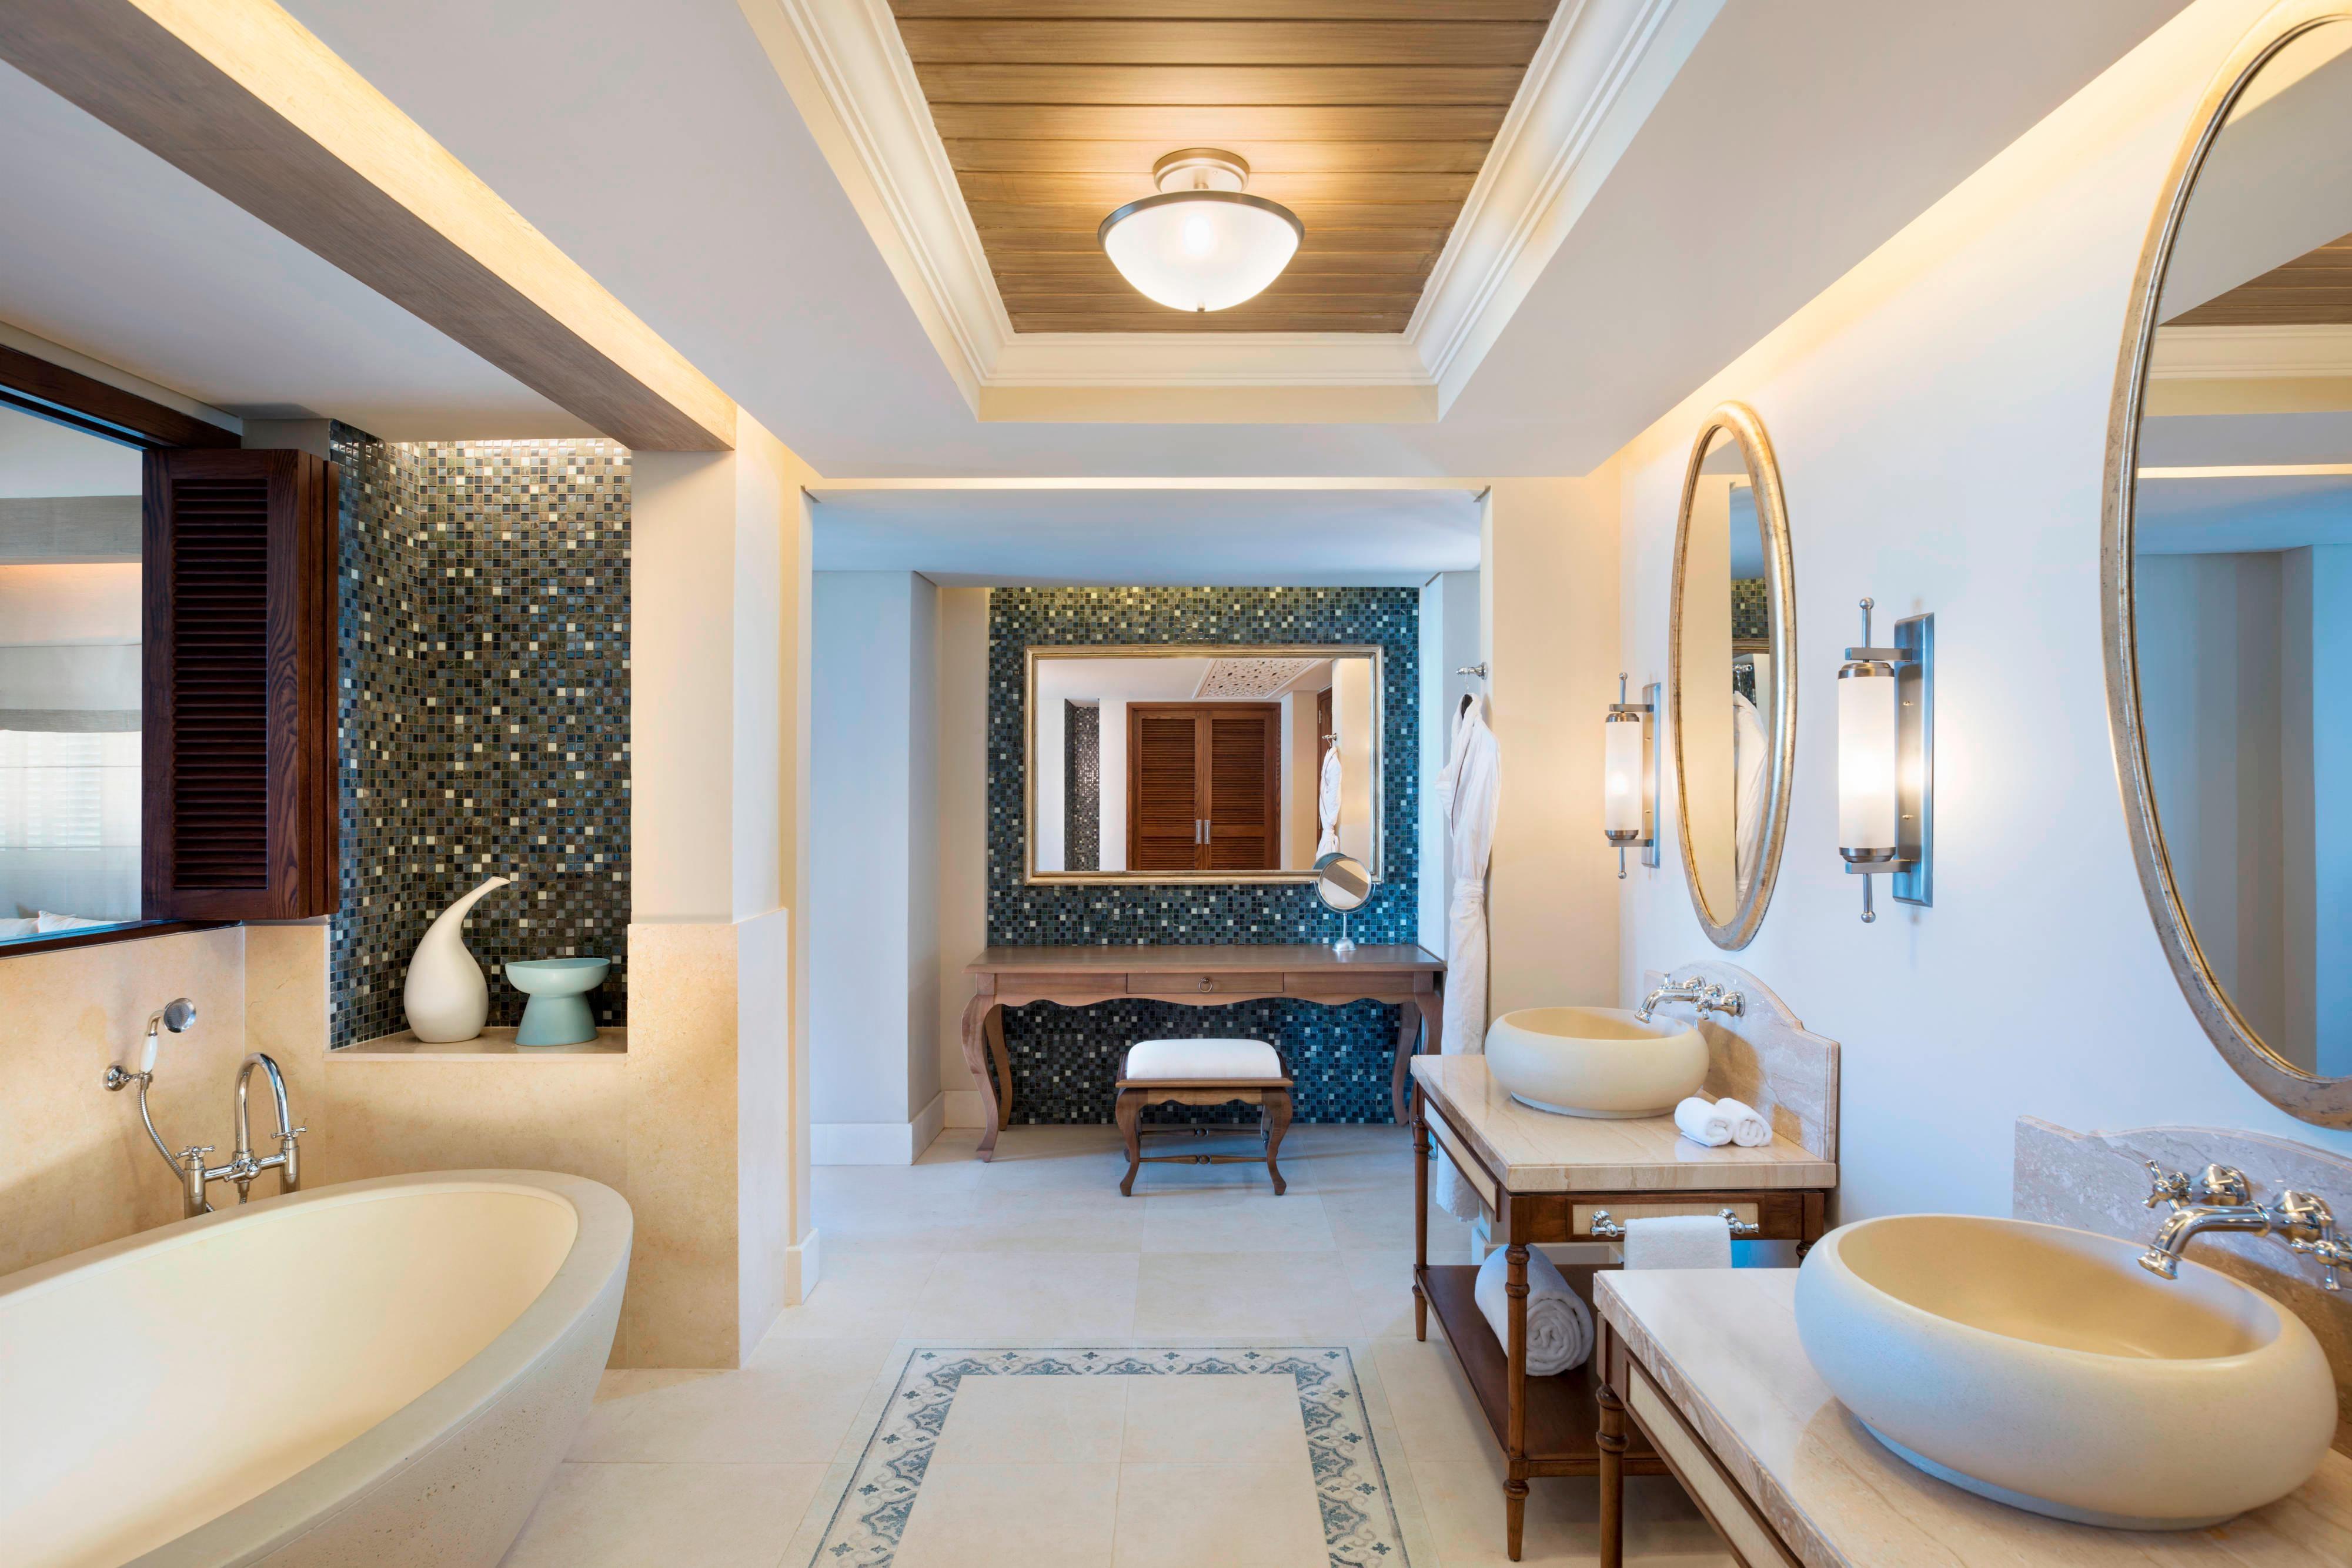 Beachfront St. Regis Grand Suite - Bathroom